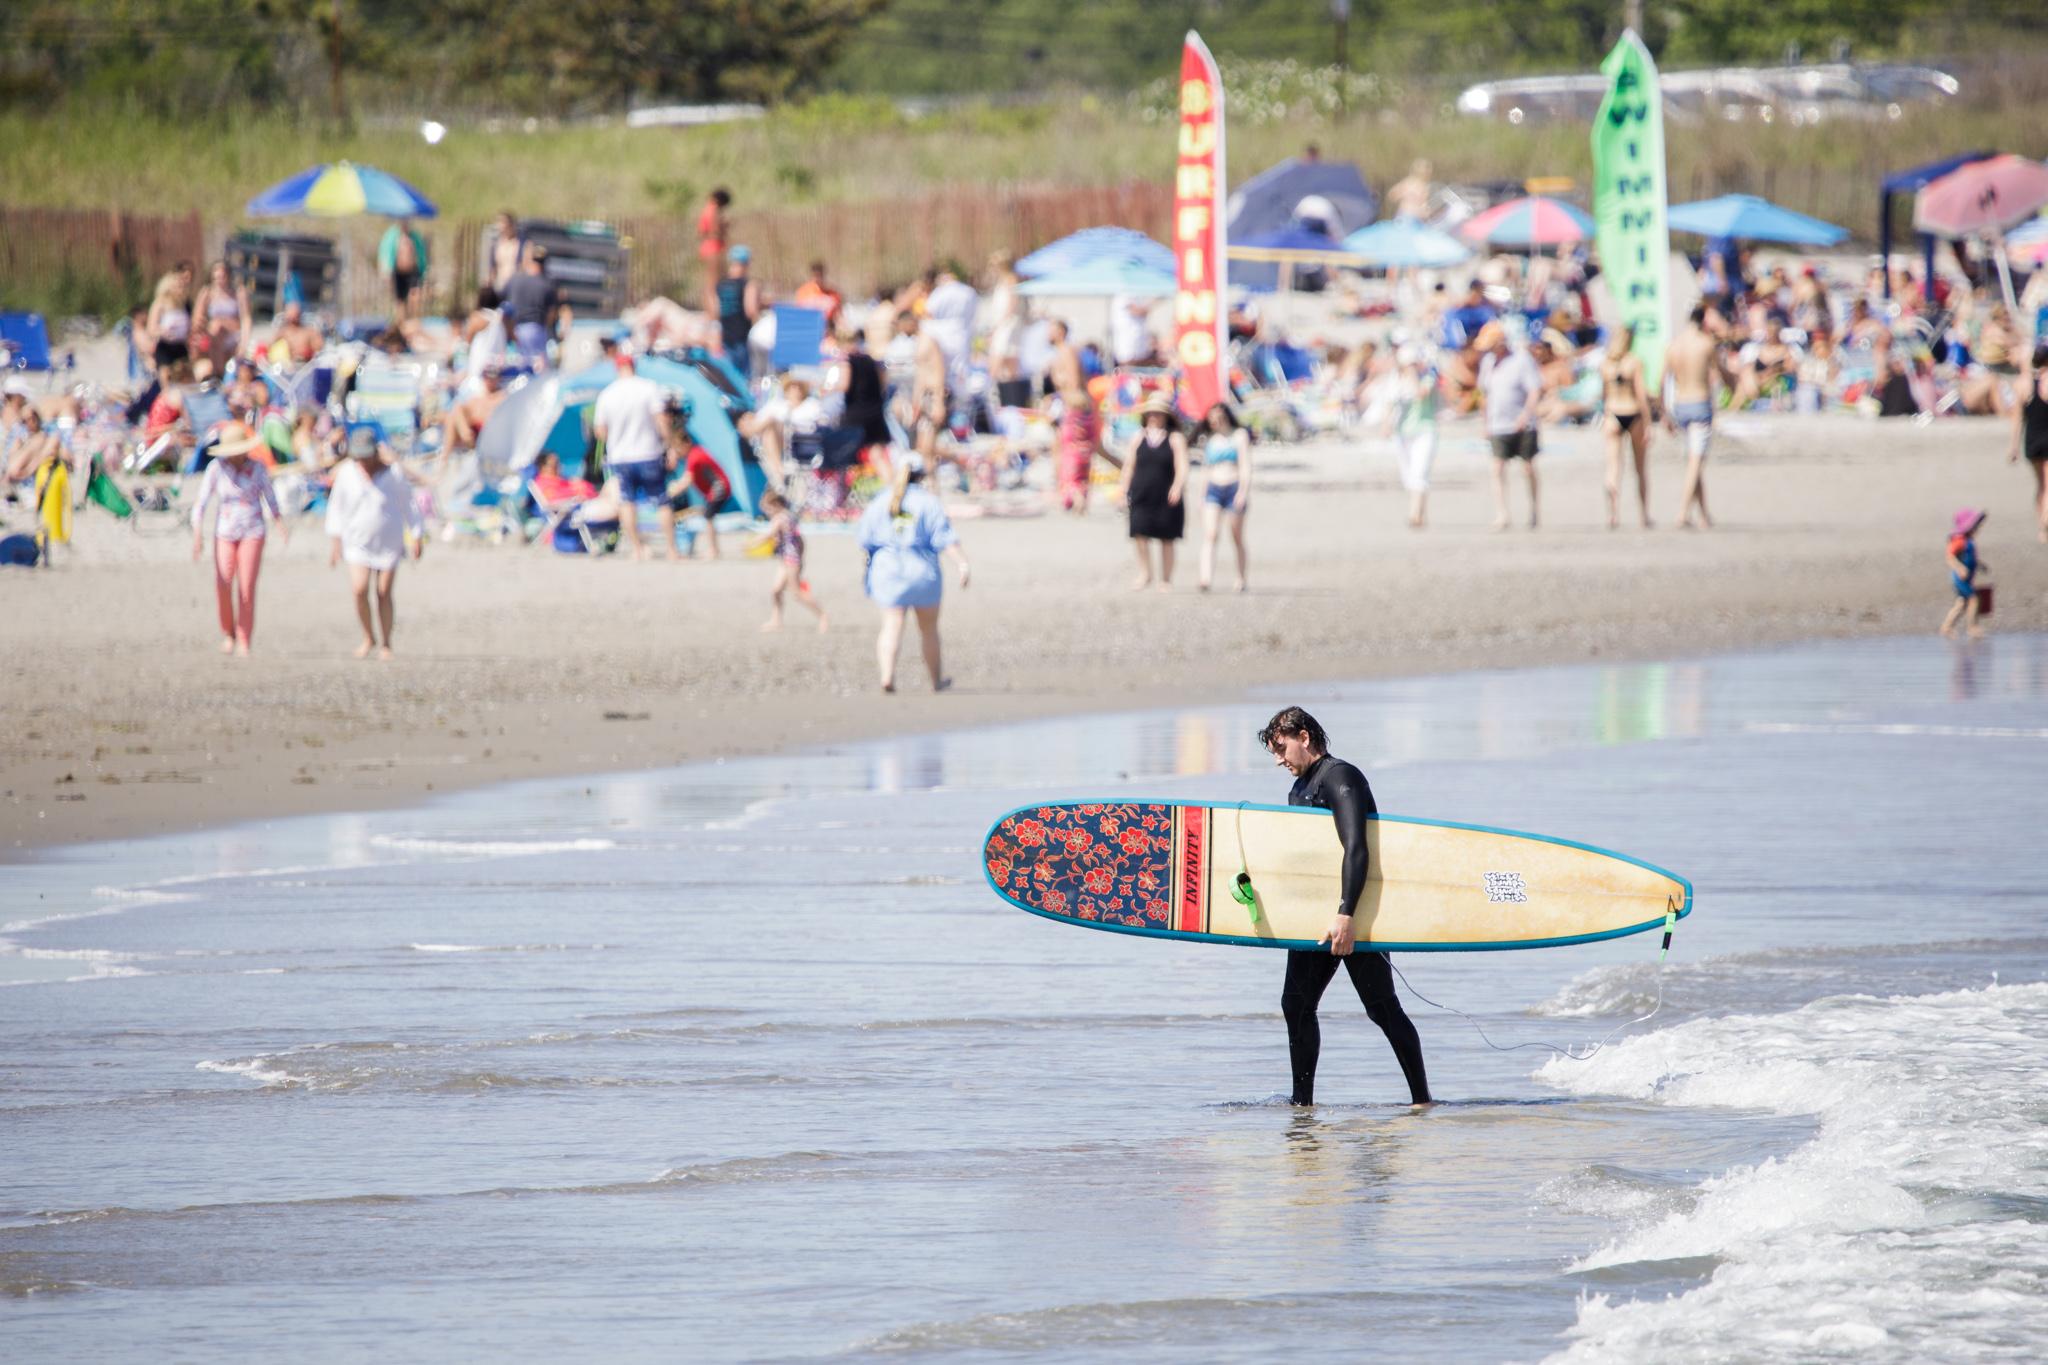 surfer at Narragansett Pier, RI